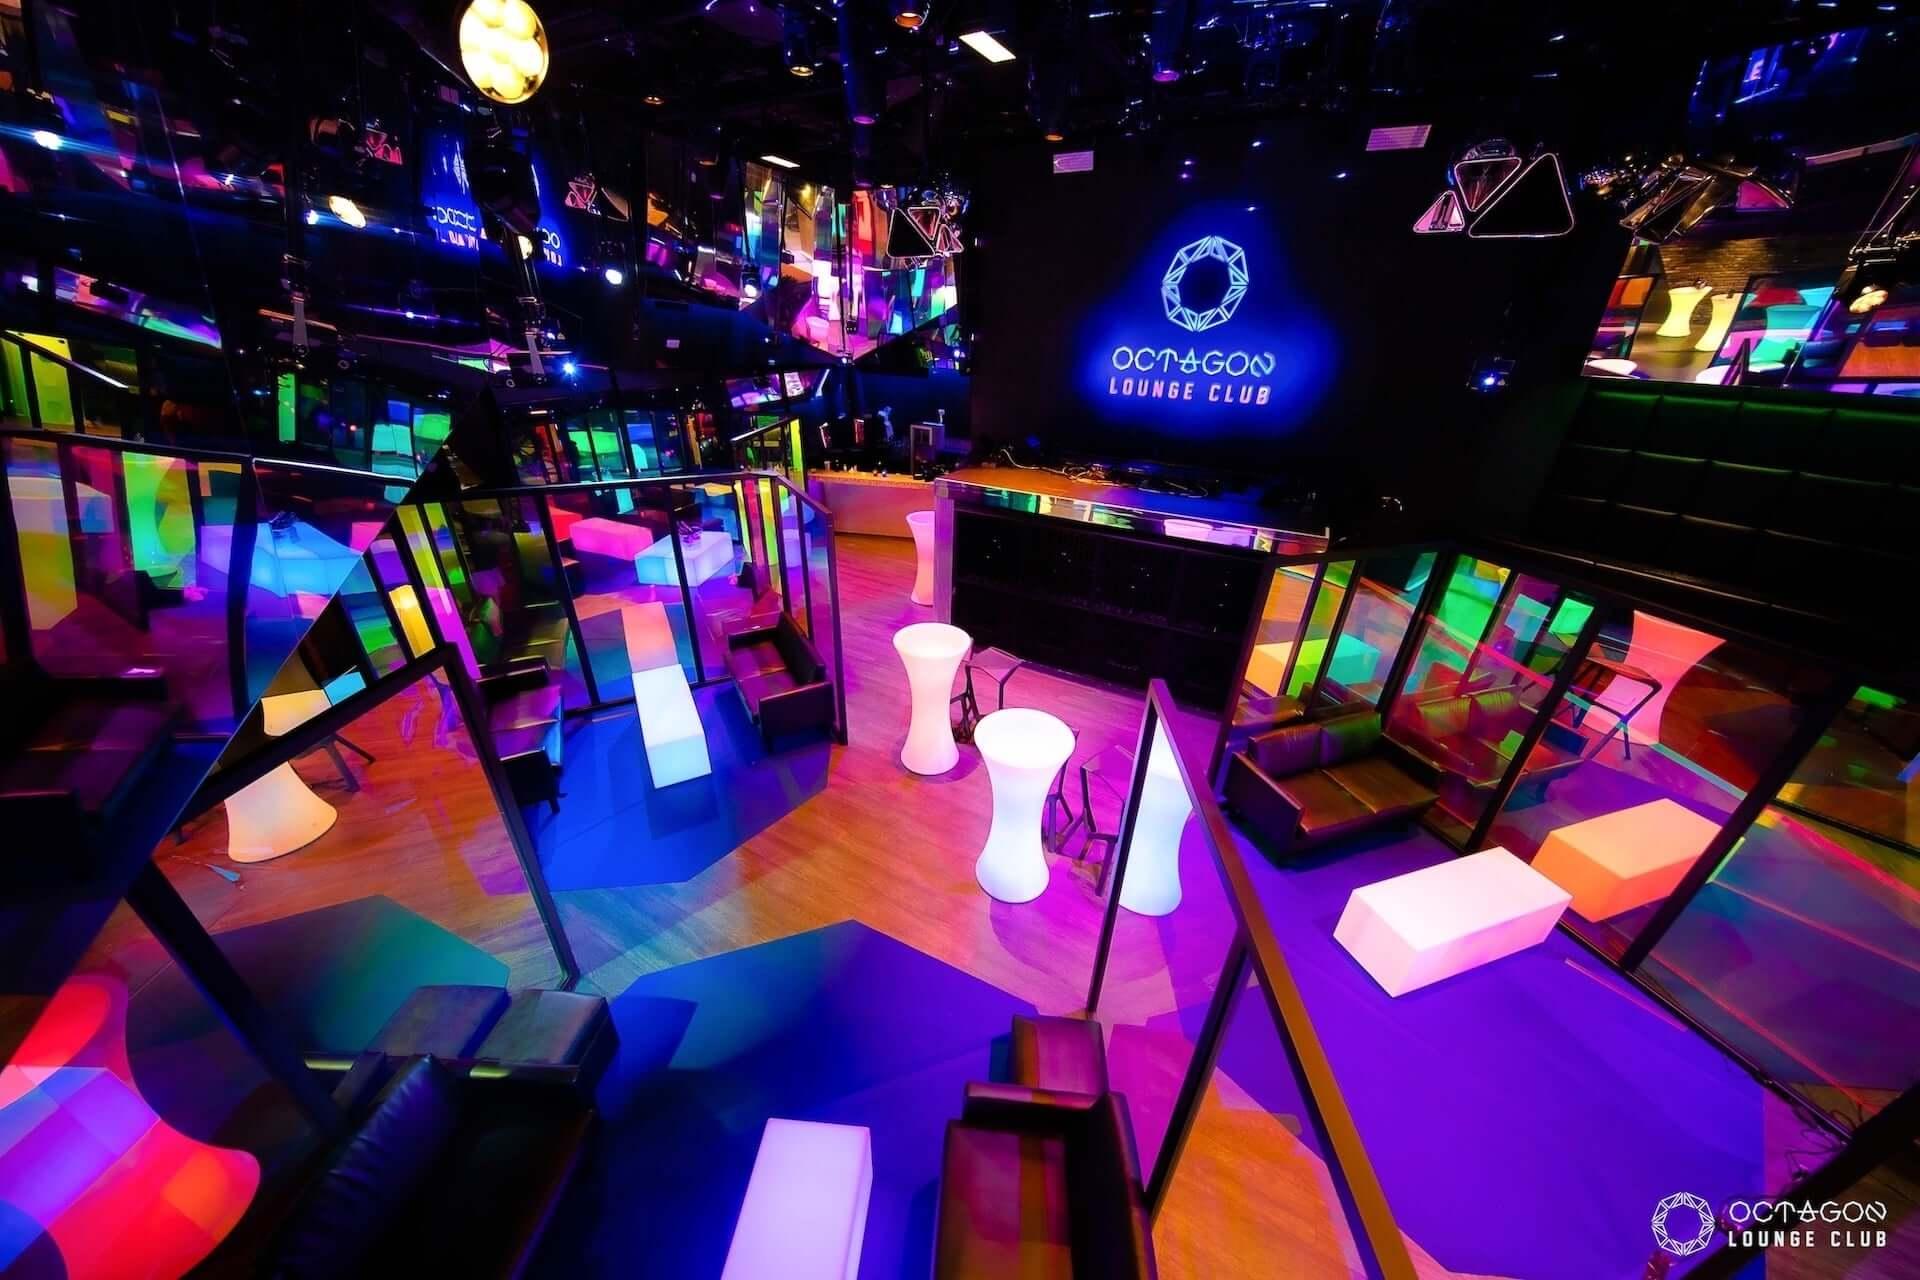 六本木「SEL OCTAGON TOKYO」が日本初のラウンジクラブとしてリニューアルオープン!個室感覚の新たなナイトライフを提案 music201006_sel-octagon-tokyo_14-1920x1280